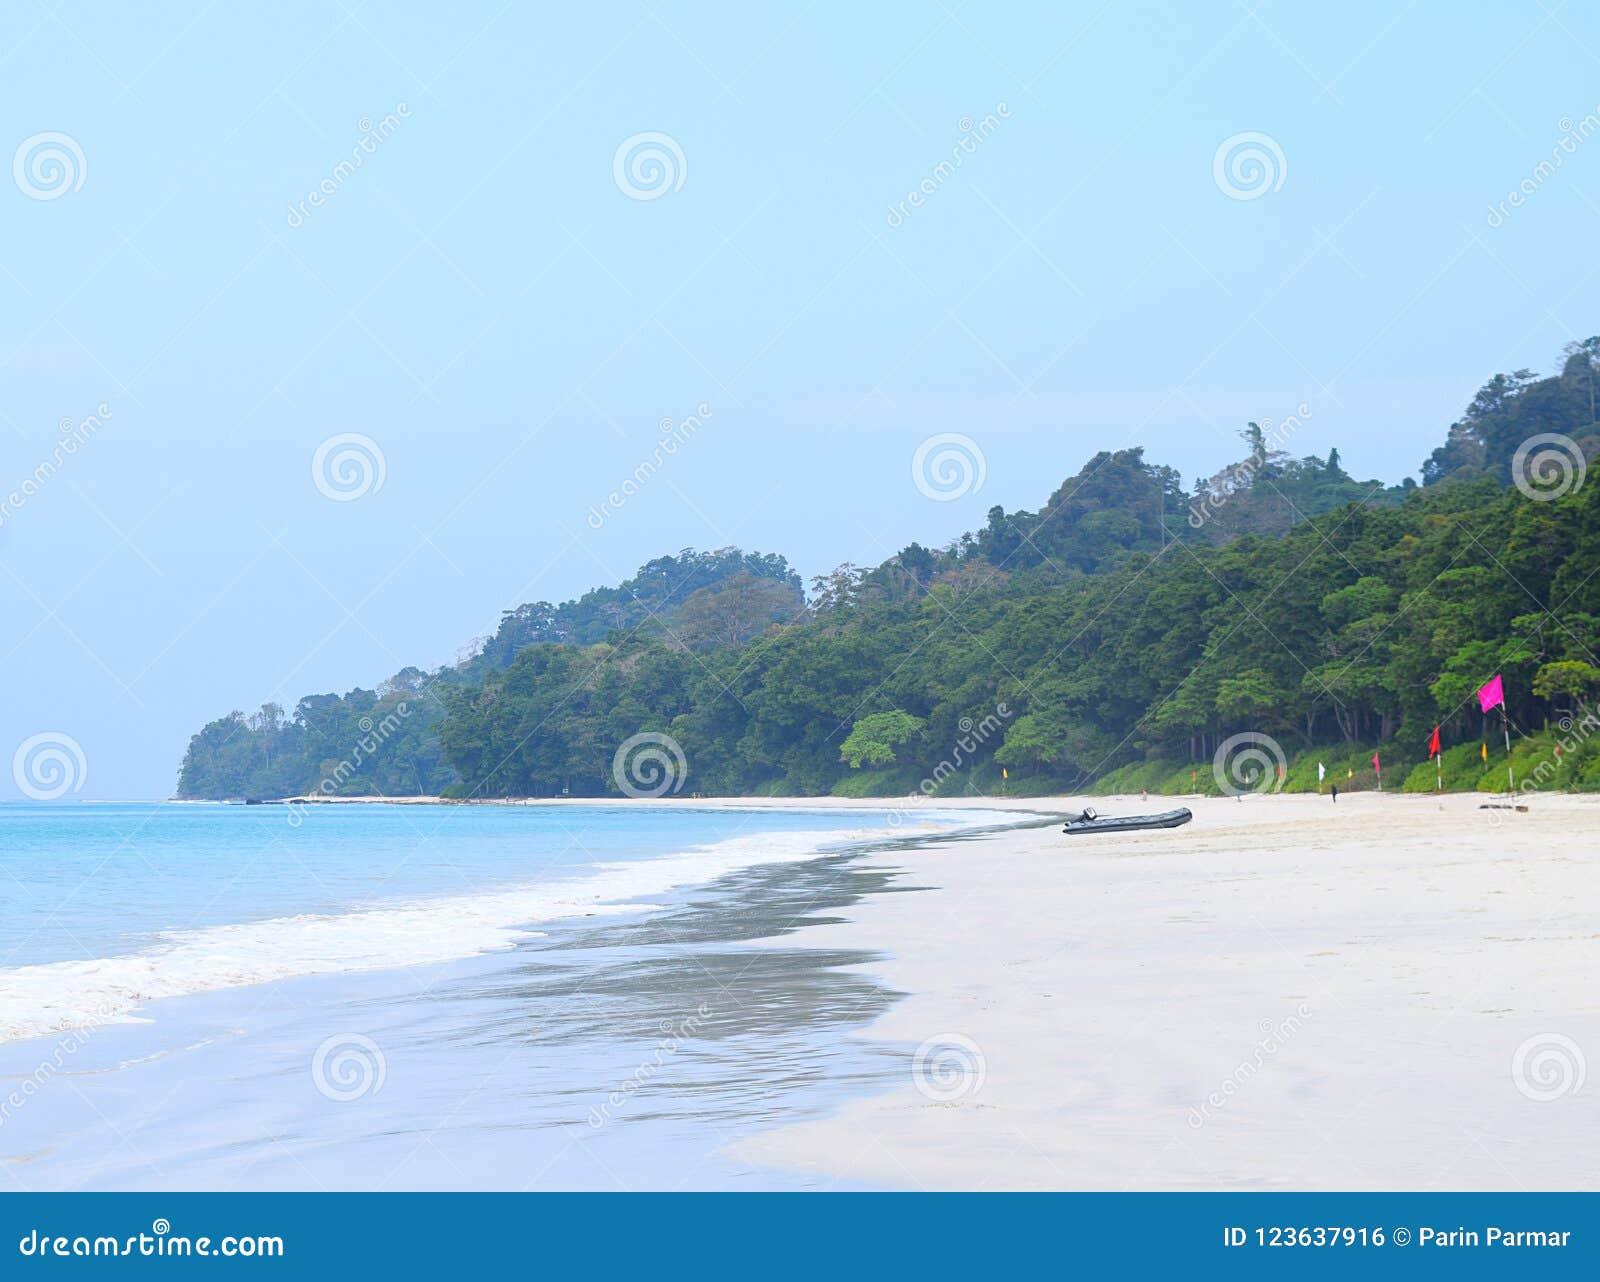 Limpe Sandy Beach branco, a água do mar azul, o céu claro, bandeiras coloridas, barco e o céu claro - praia de Radhanagar, ilha d